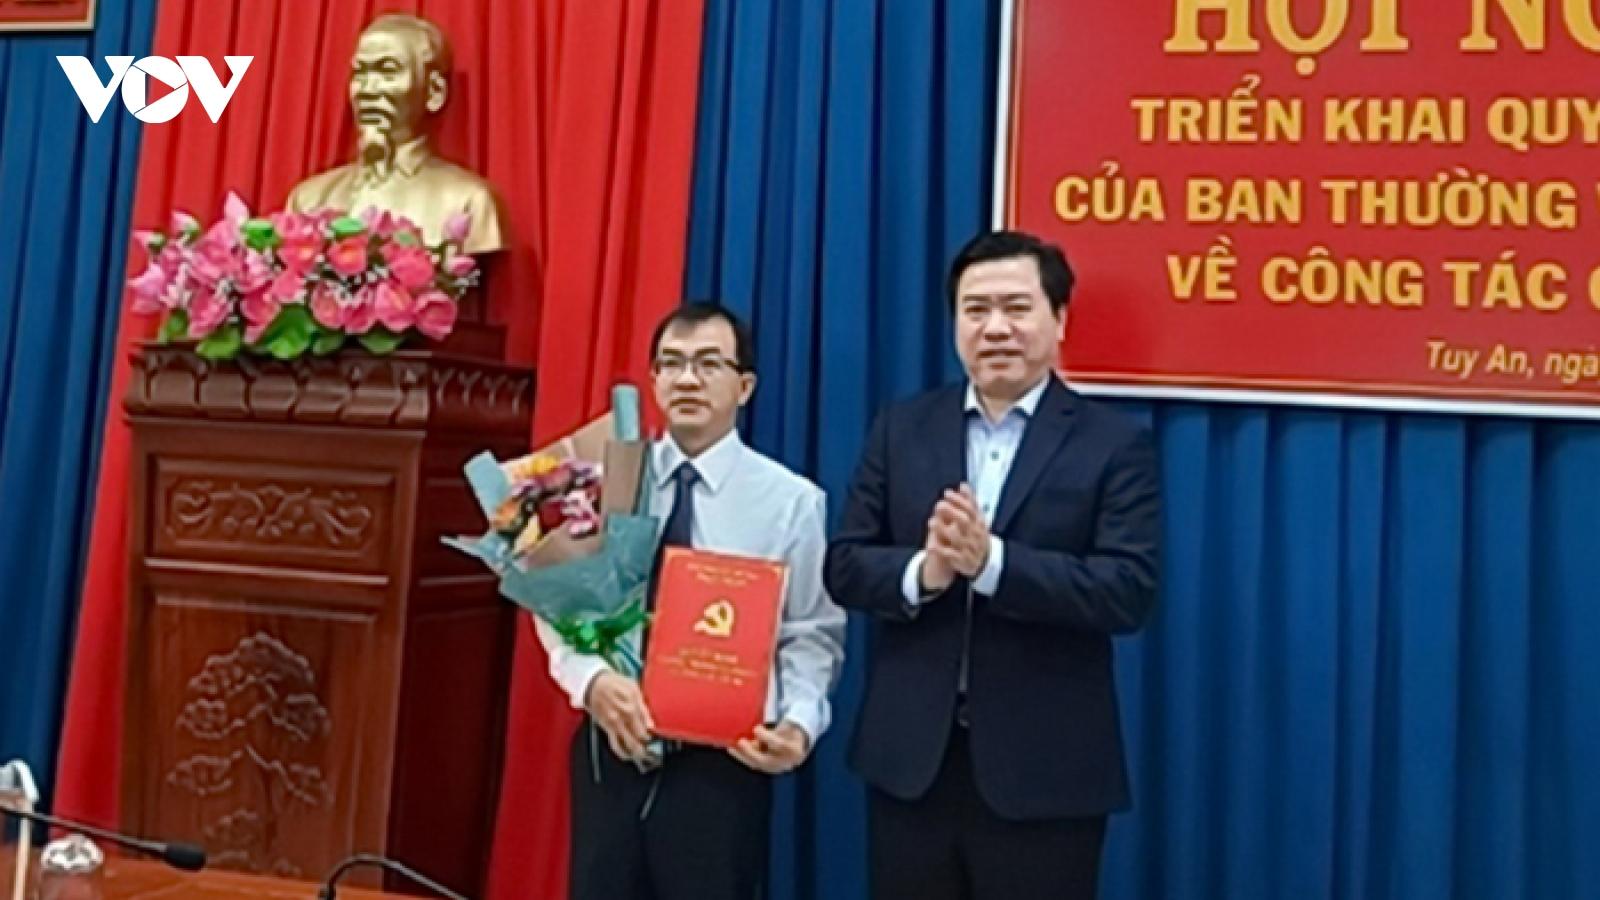 Ông Huỳnh Văn Khoa giữ chức vụ Phó Bí thư Huyện ủy Tuy An, tỉnh Phú Yên